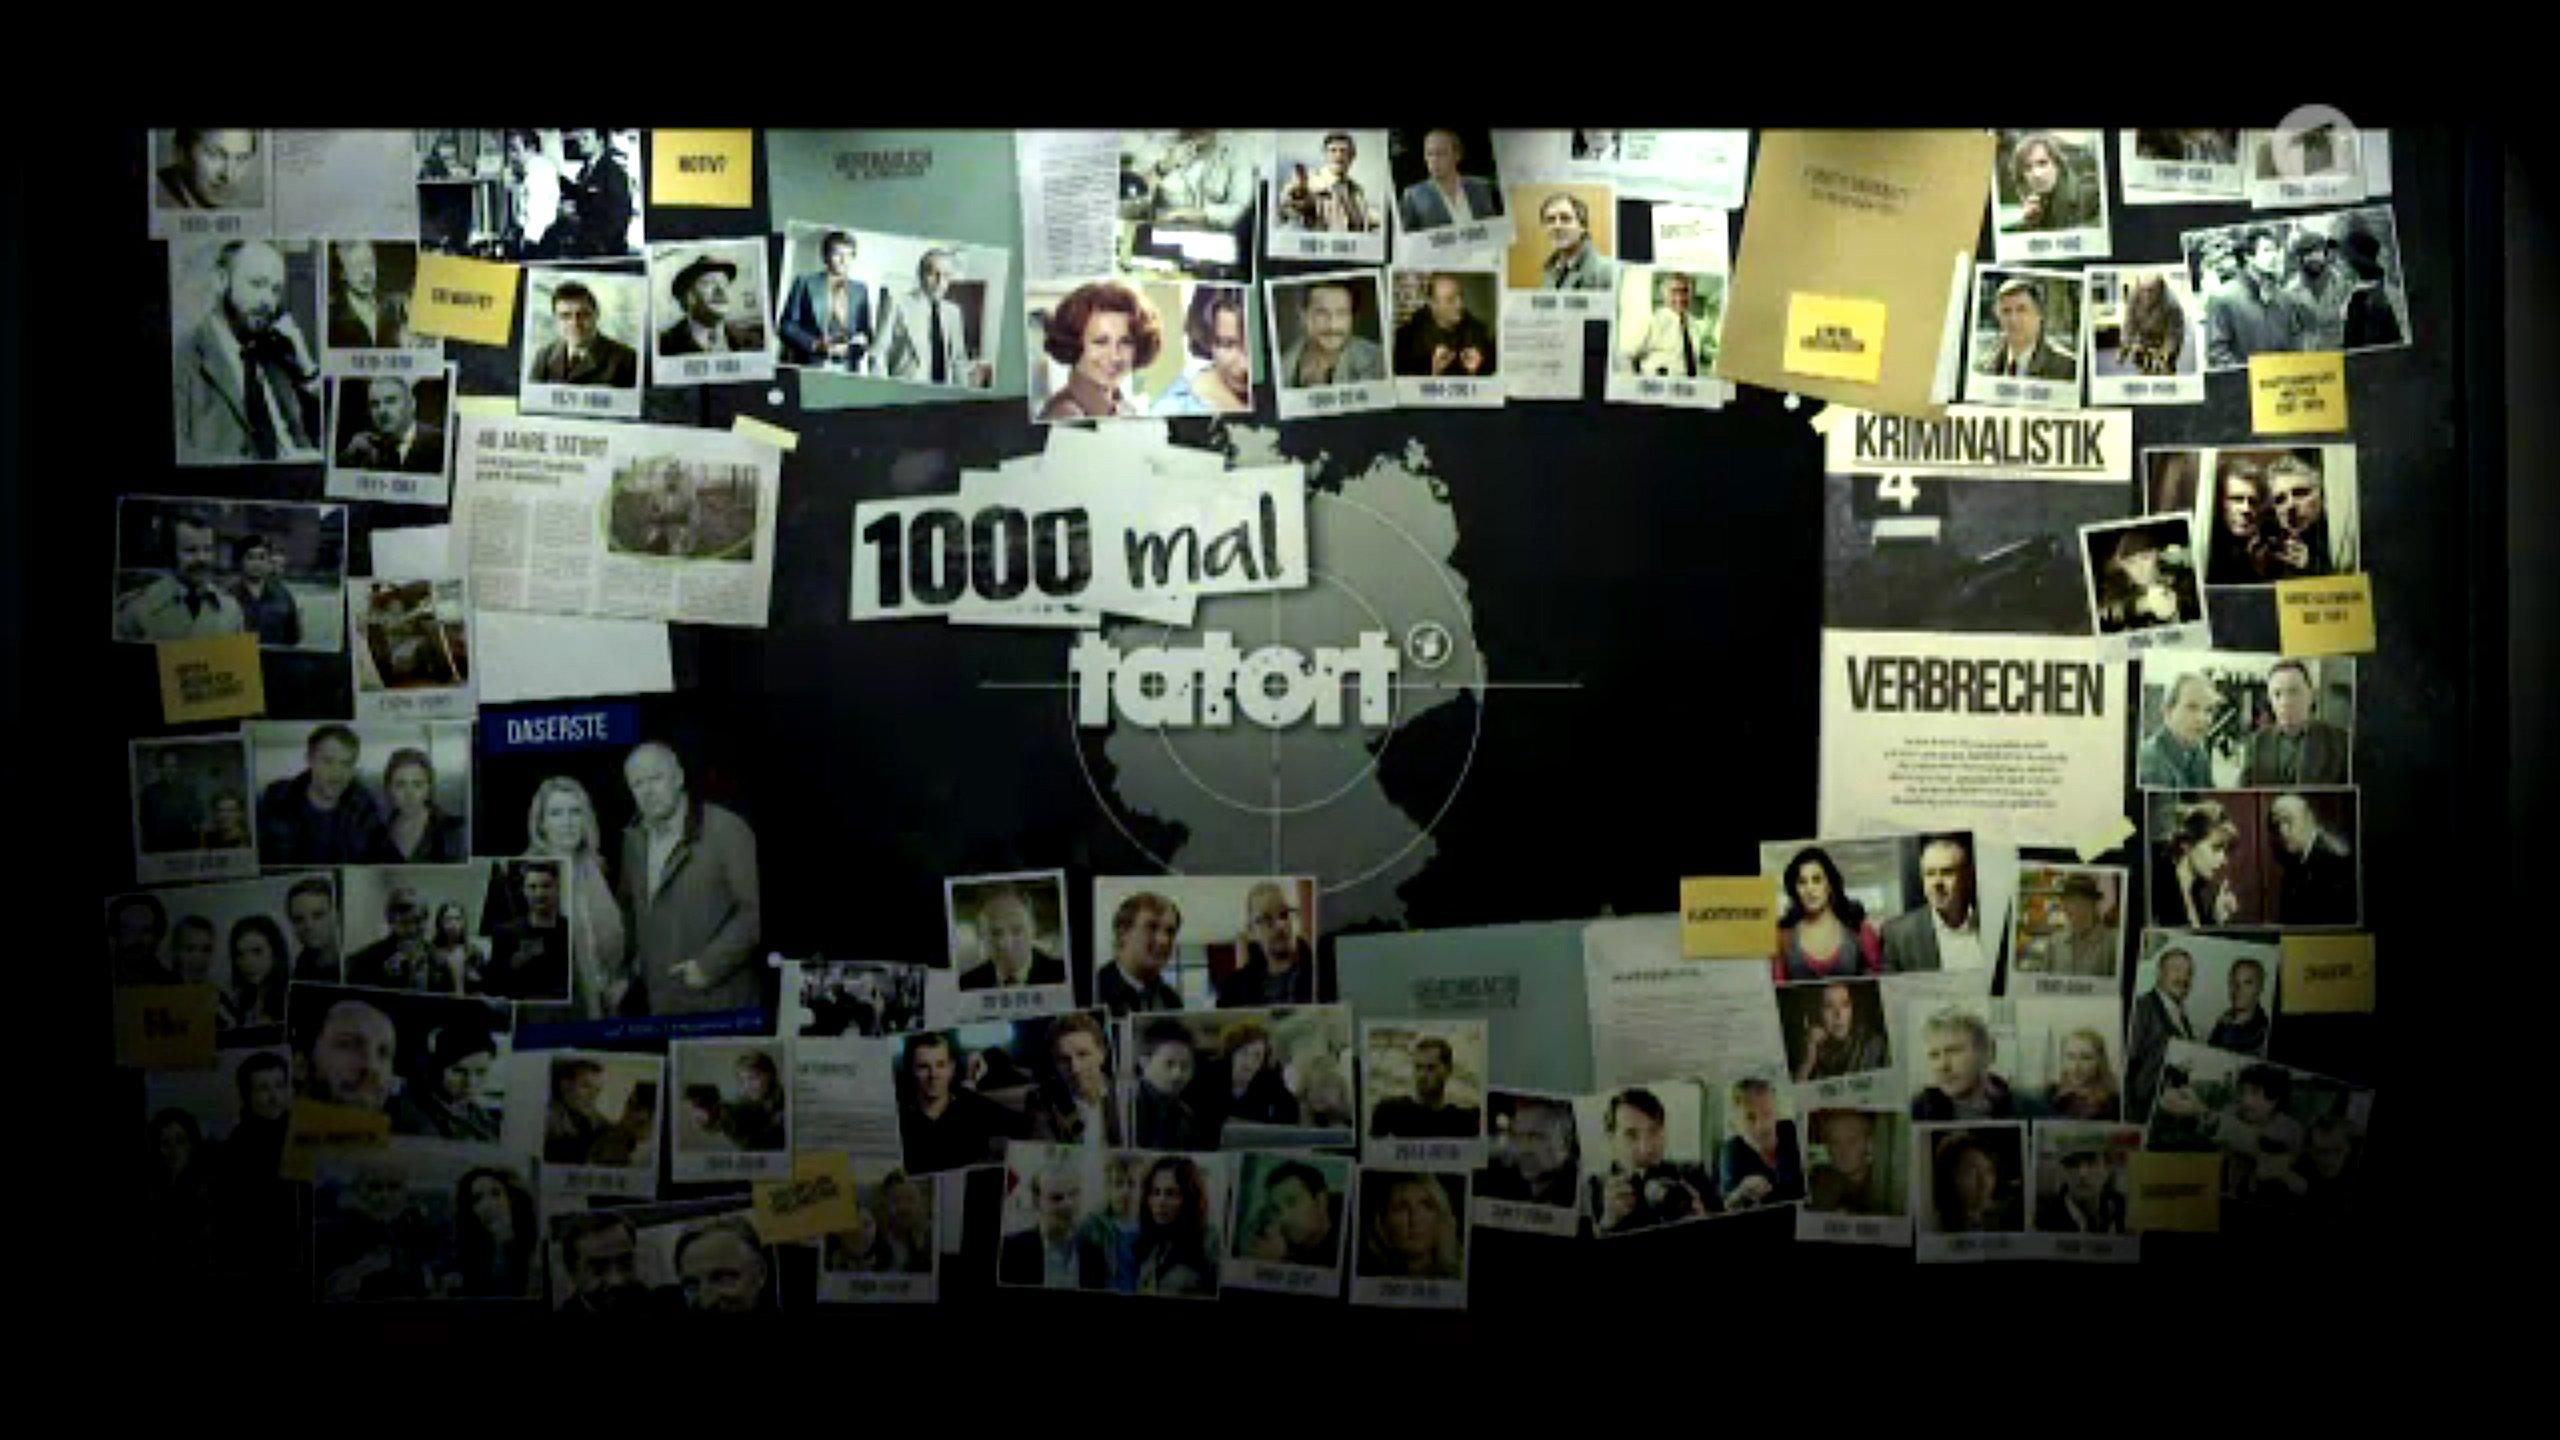 Am Sonntag läuft die 1000. Folge des Tatort: In einigen spielten auch Ingenieure eine Rolle – als Opfer, Täter oder Verdächtiger.